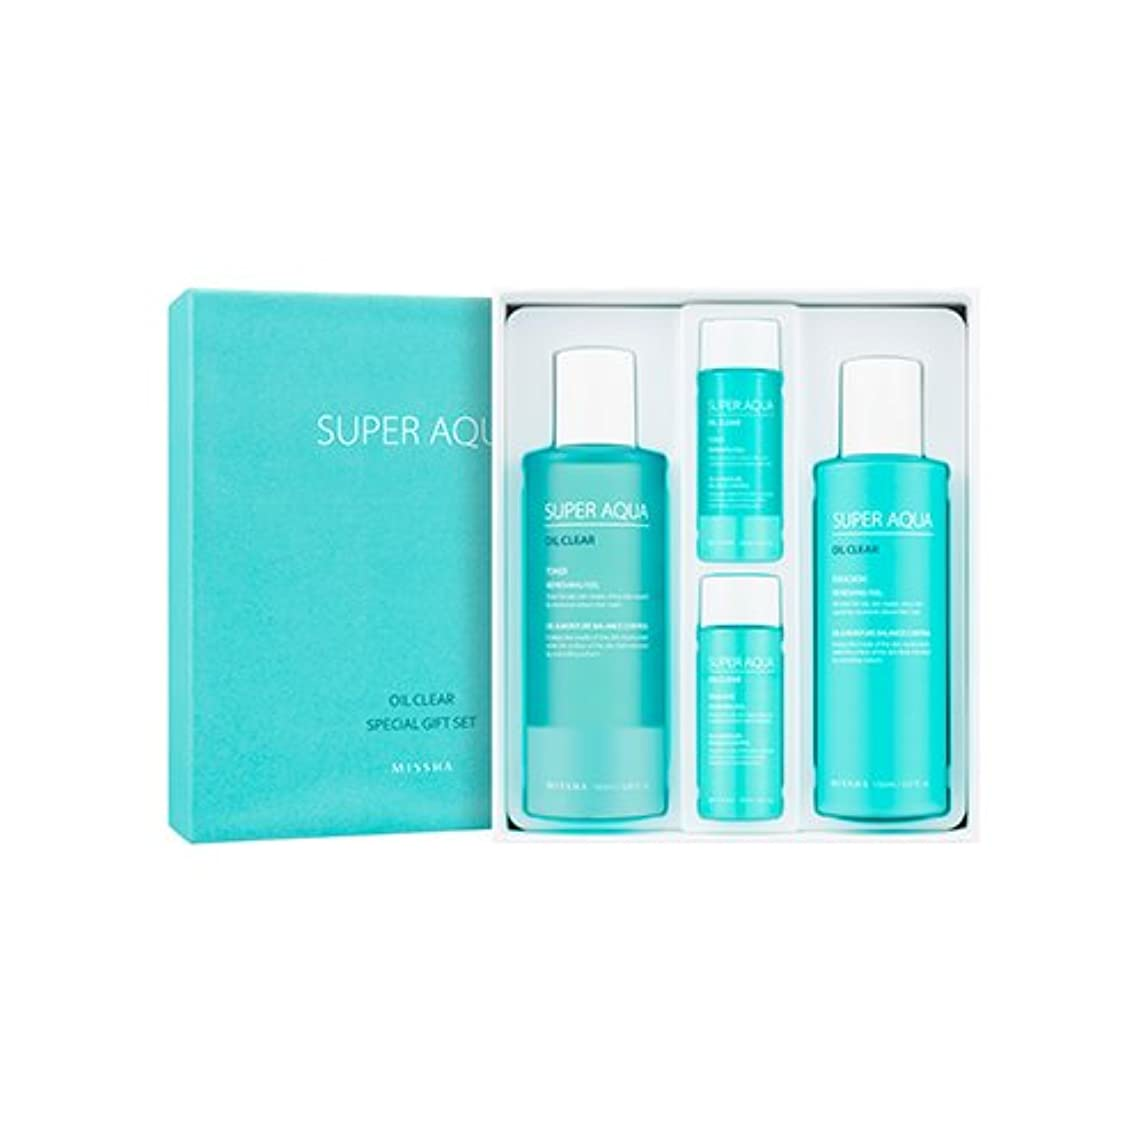 できる哀れな心理学MISSHA Super Aqua Oil Clear Special Gift Set/ミシャ スーパーアクアオイルクリアスペシャルギフトセット [並行輸入品]